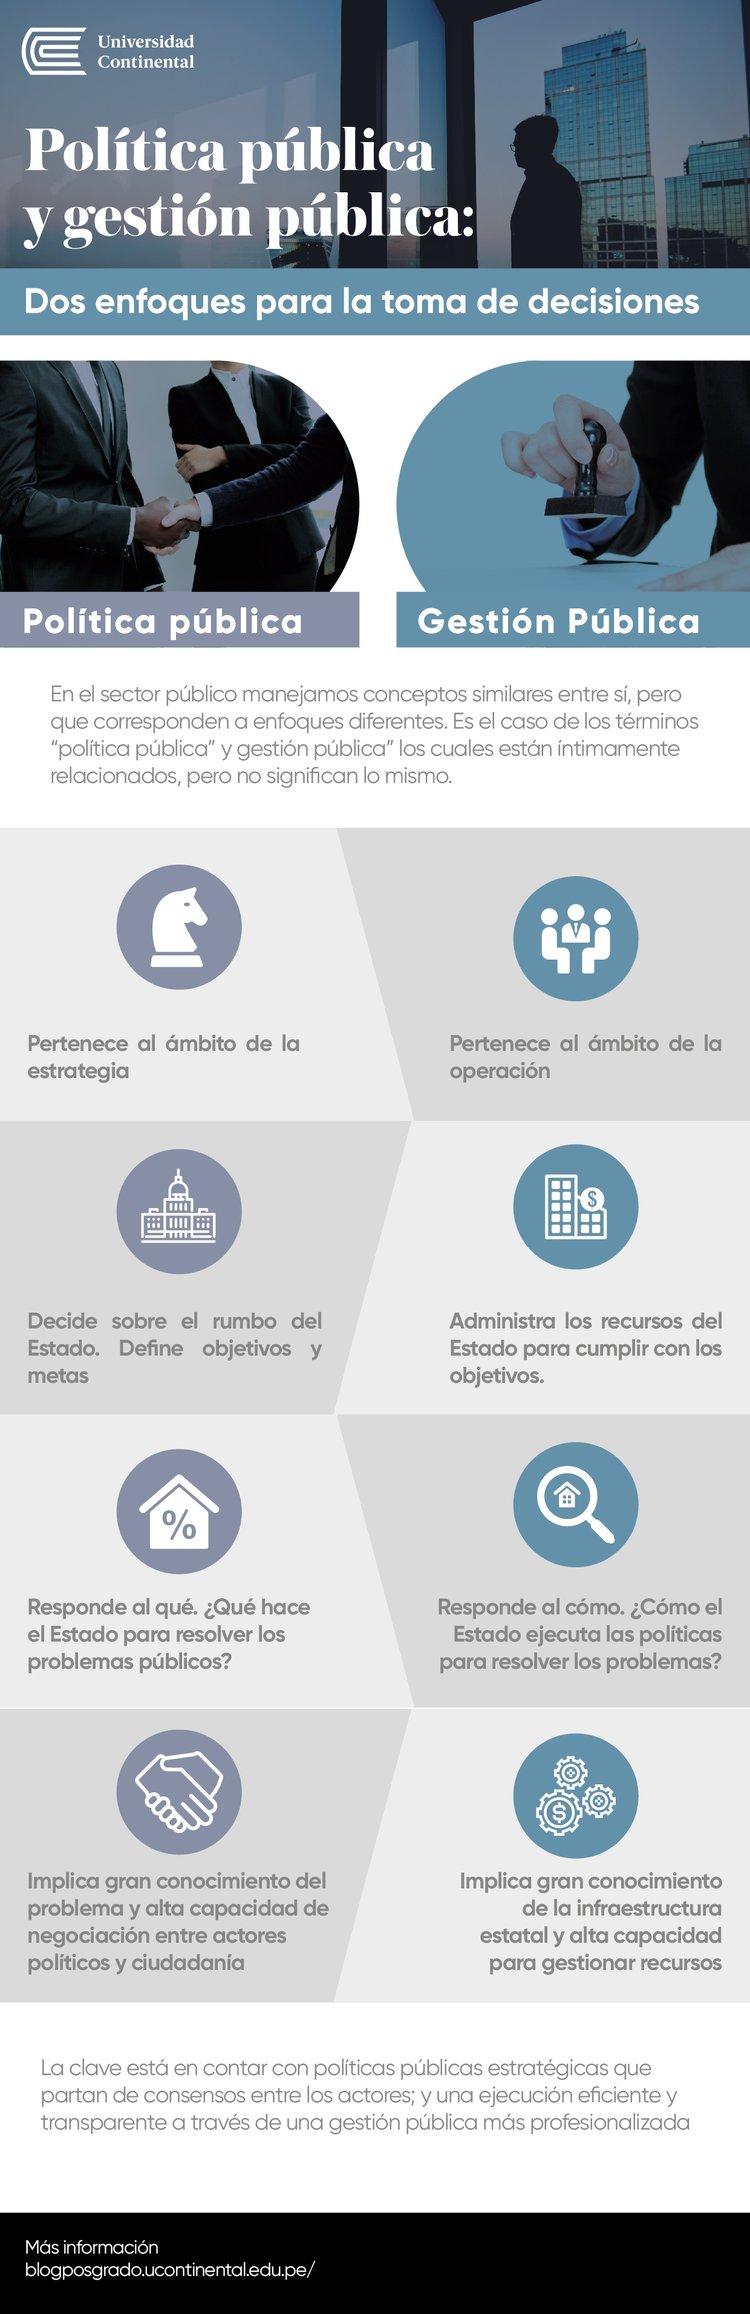 infografia-politicas-publicas-gestion-publica-diferencias-continental.jpg